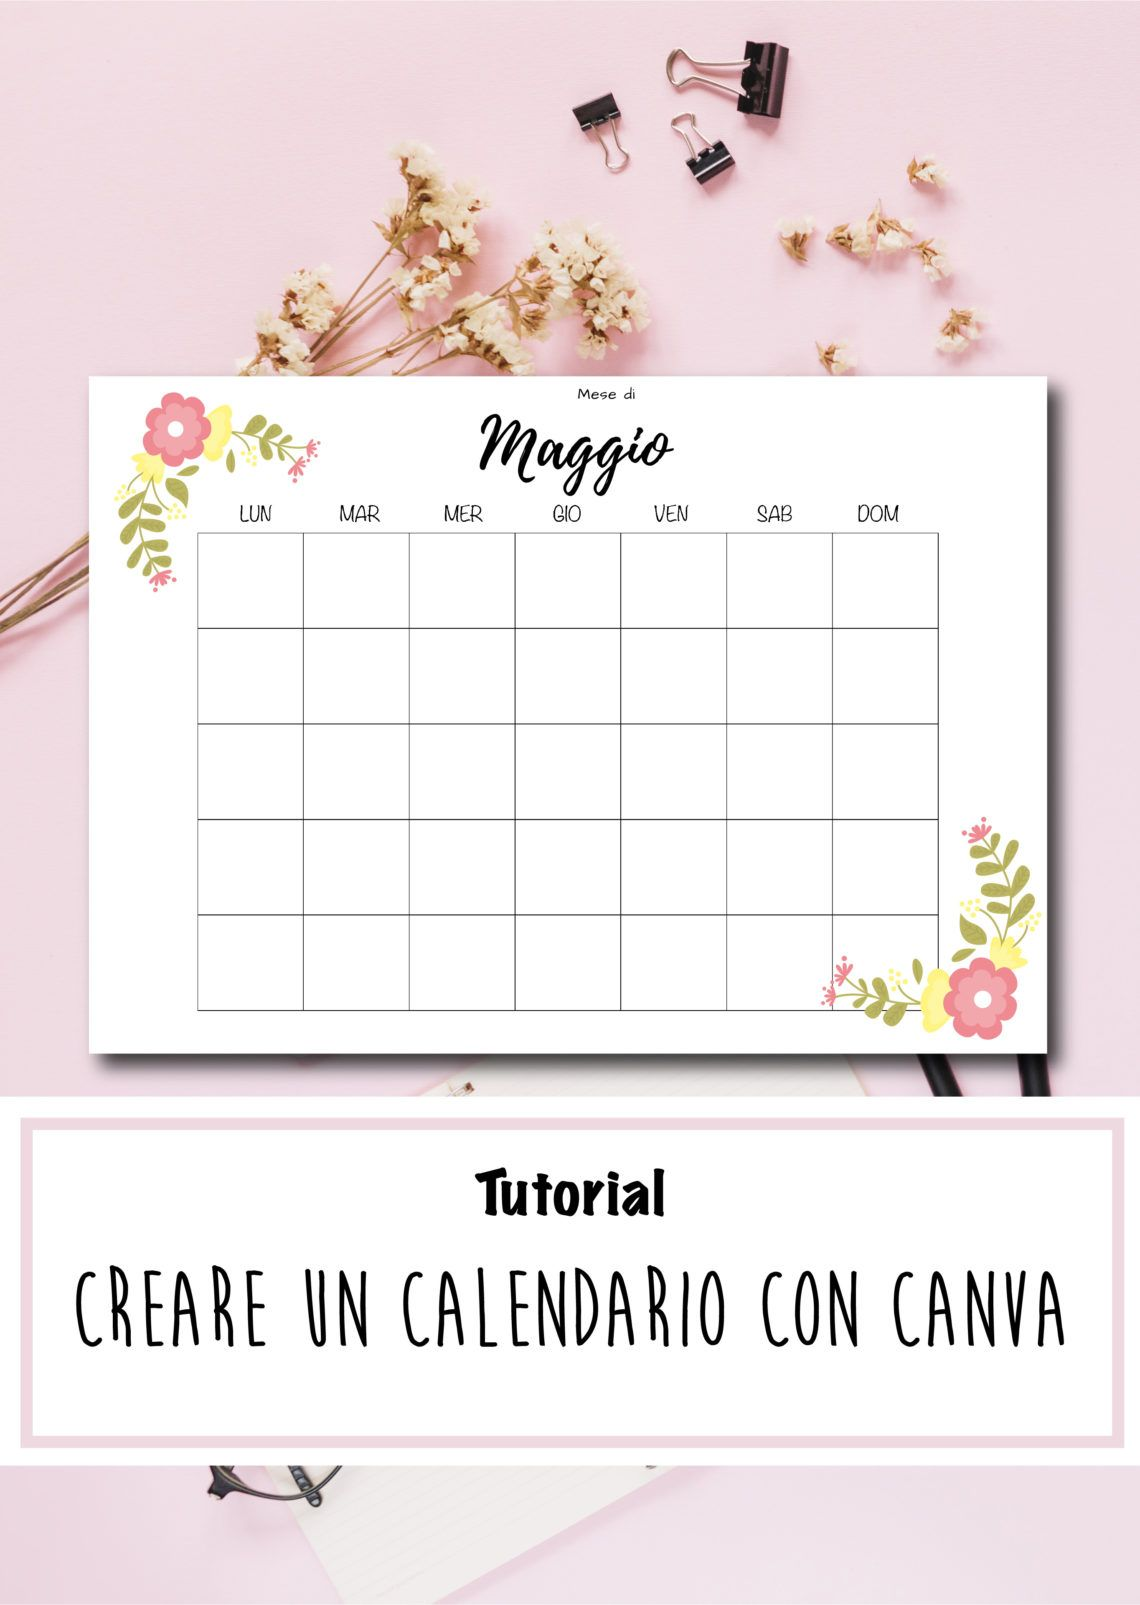 Come Creare Un Calendario 2021 Come creare un calendario per Planner con Canva   Scripta Manent